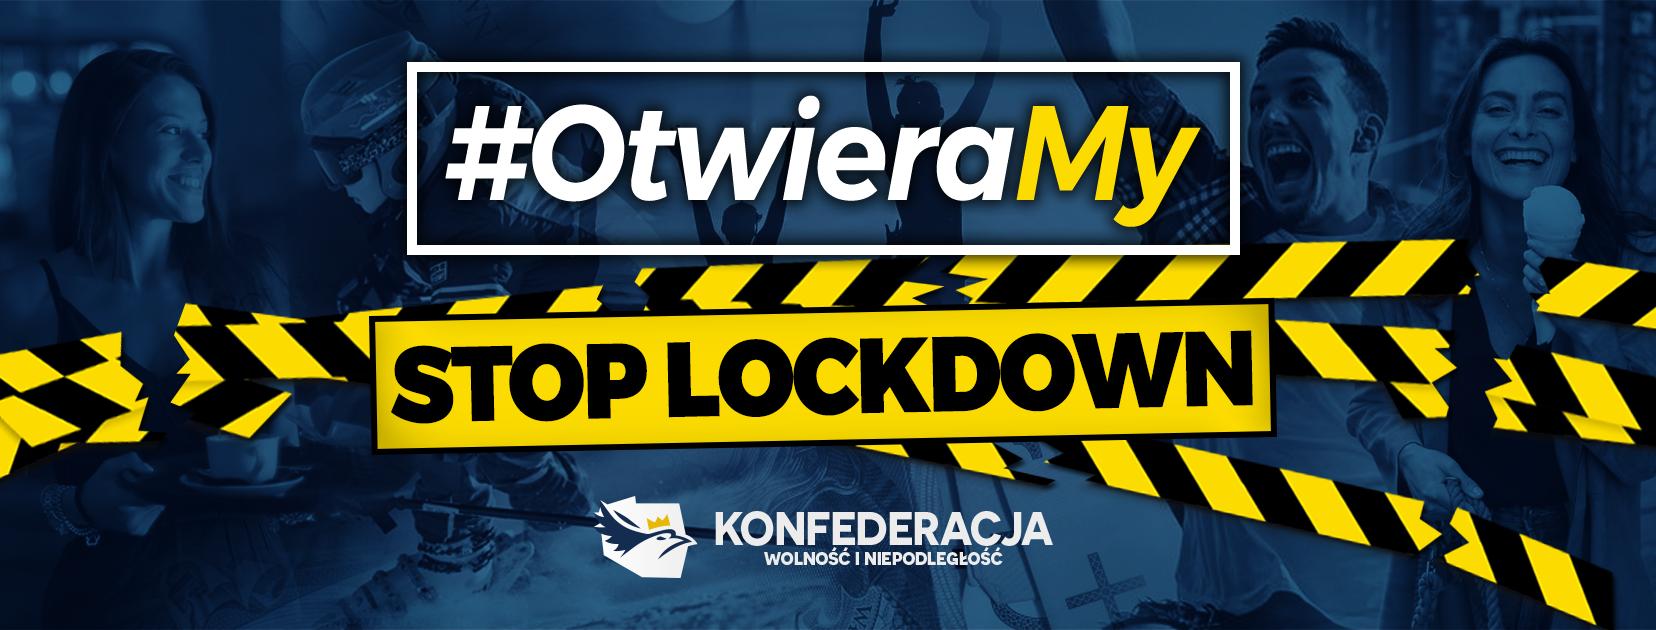 stoplockdown Konferencja prasowa Konfederacji - Zamość #OtwieraMY